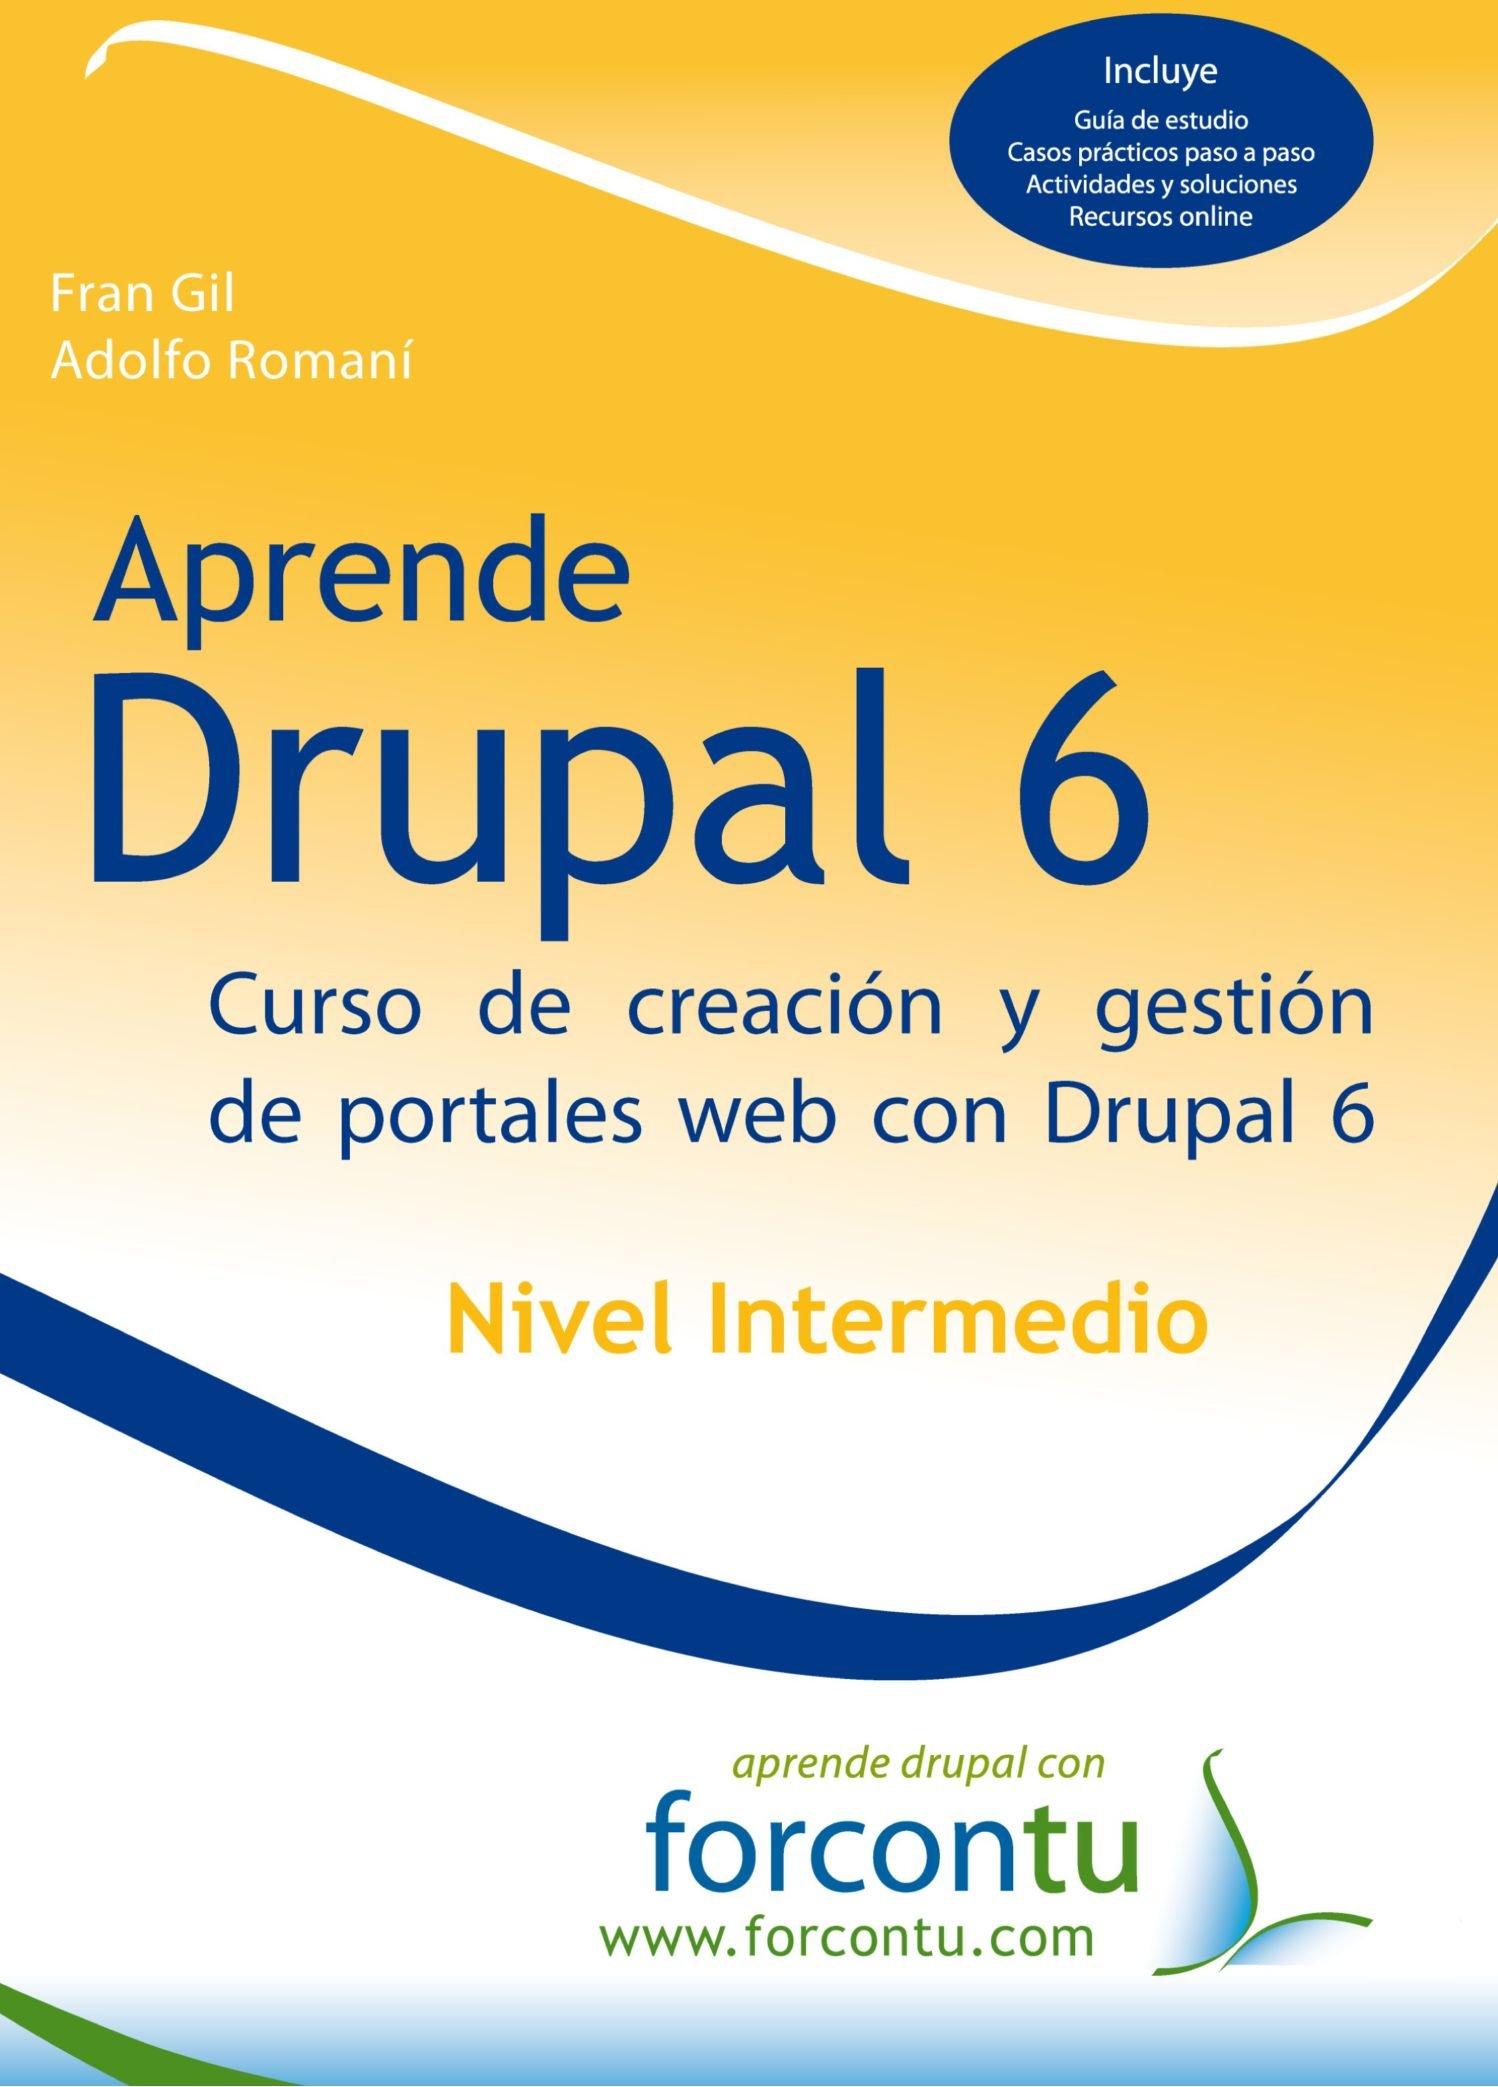 Aprende Drupal 6, Nivel Intermedio: Curso de Creacion y Gestion de Portales Web con Drupal 6 (Spanish Edition) pdf